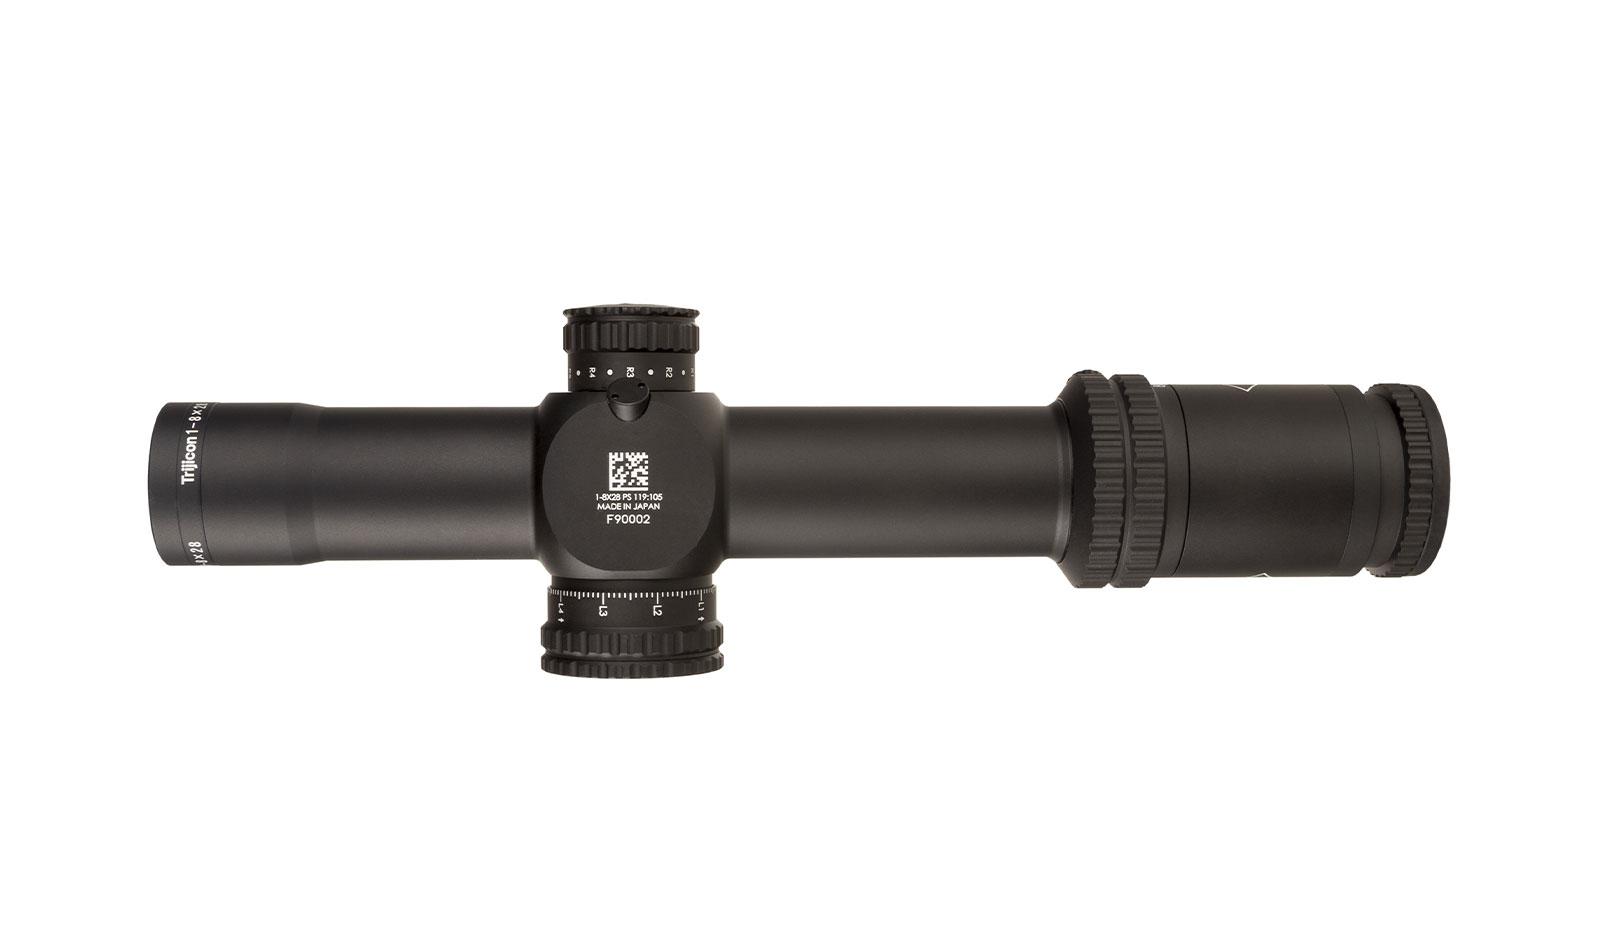 CR828-C-2900032 angle 10